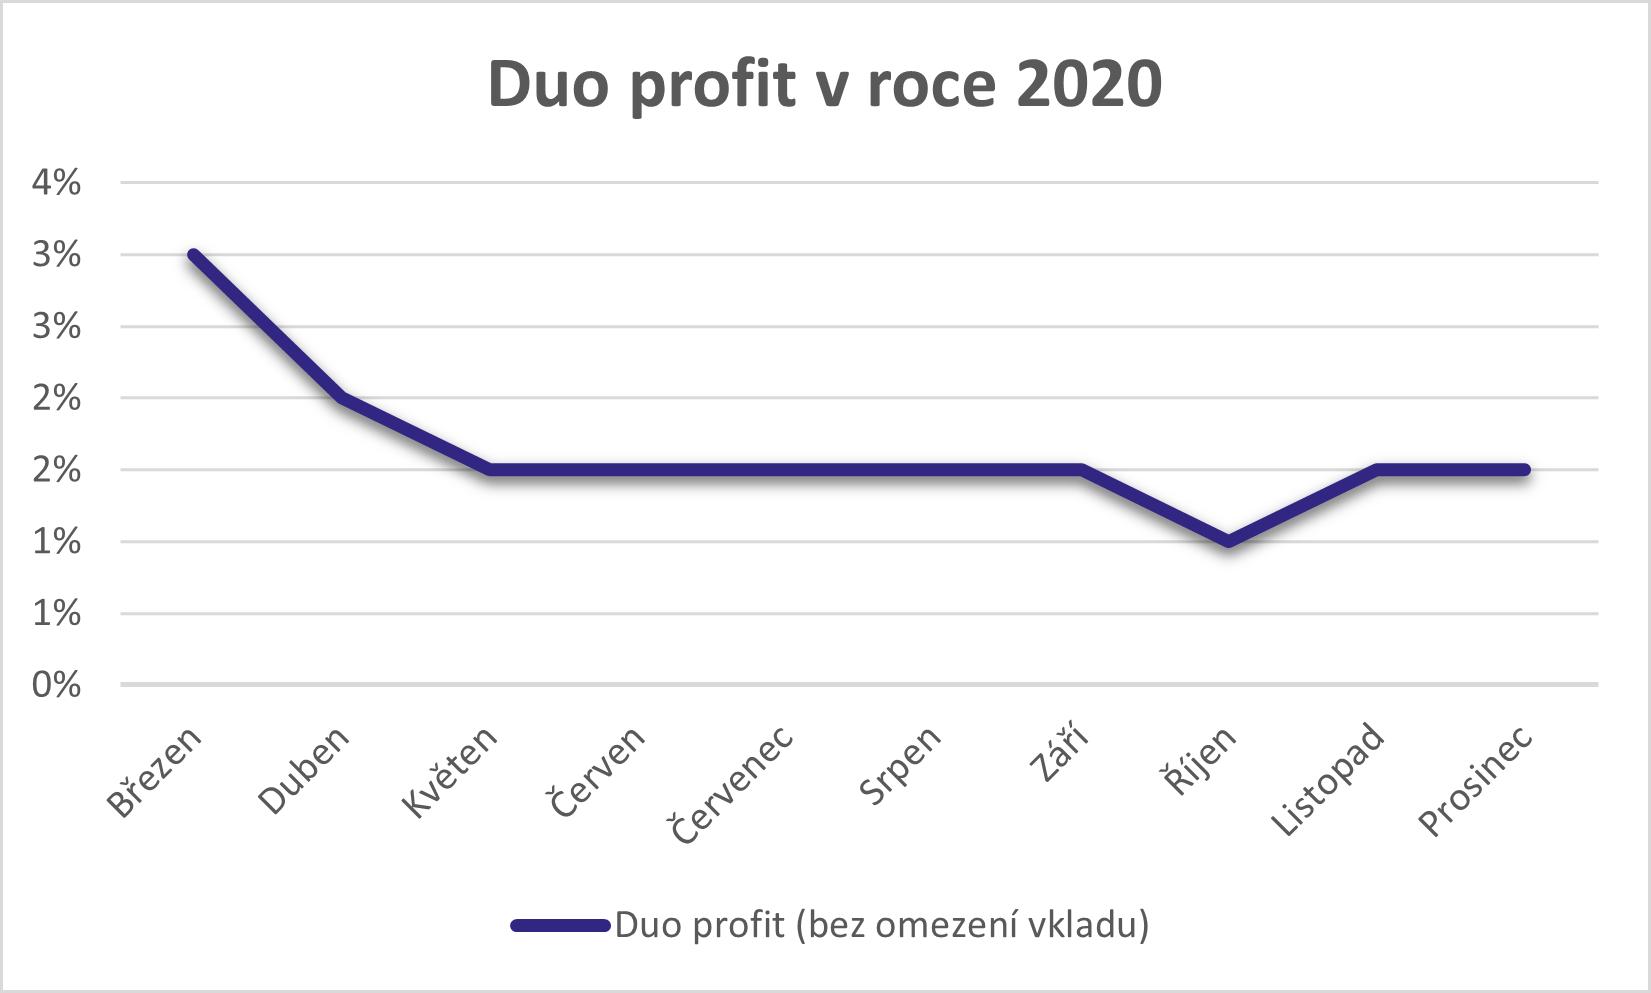 Duo profit 2020